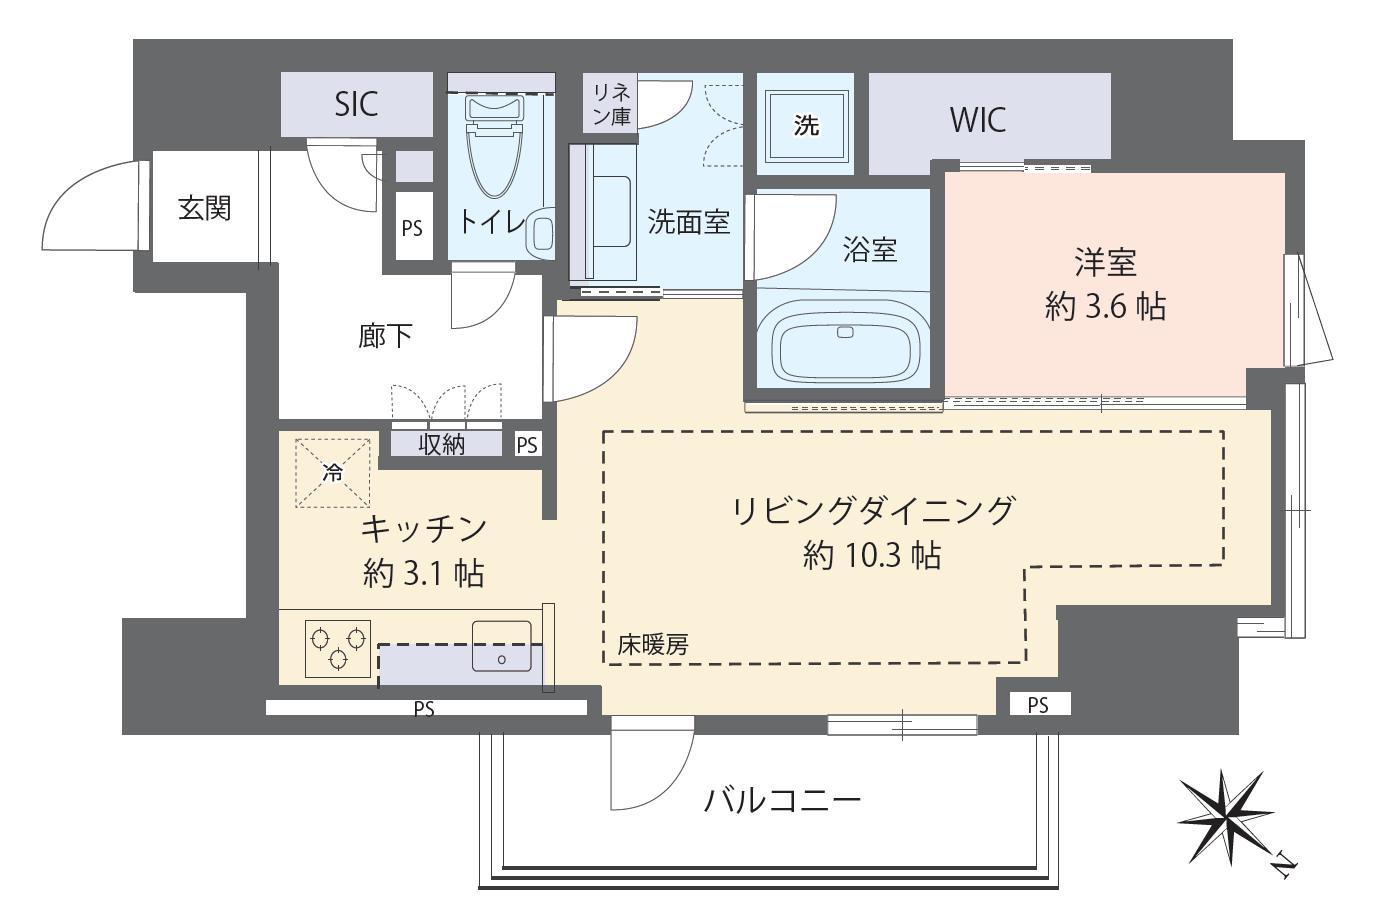 フォルム内藤町 ホテルライクな設備で、暮らしに豊かさを 間取り図